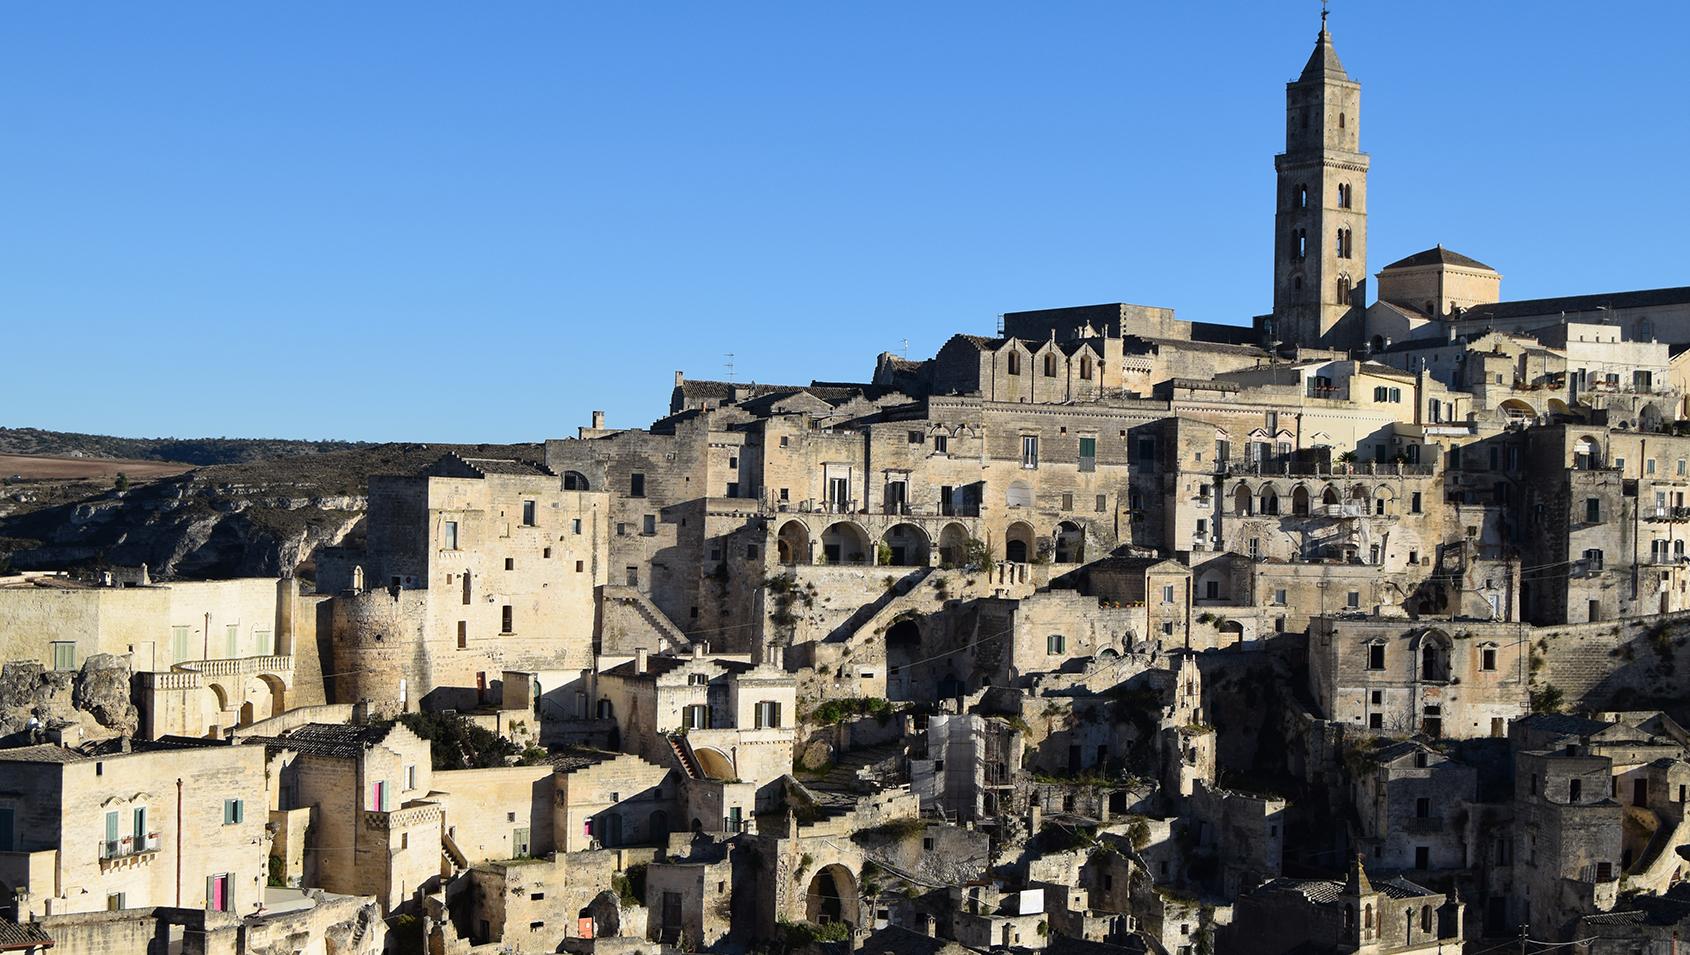 Matera Patrimonio dell'Umanità dell'UNESCO